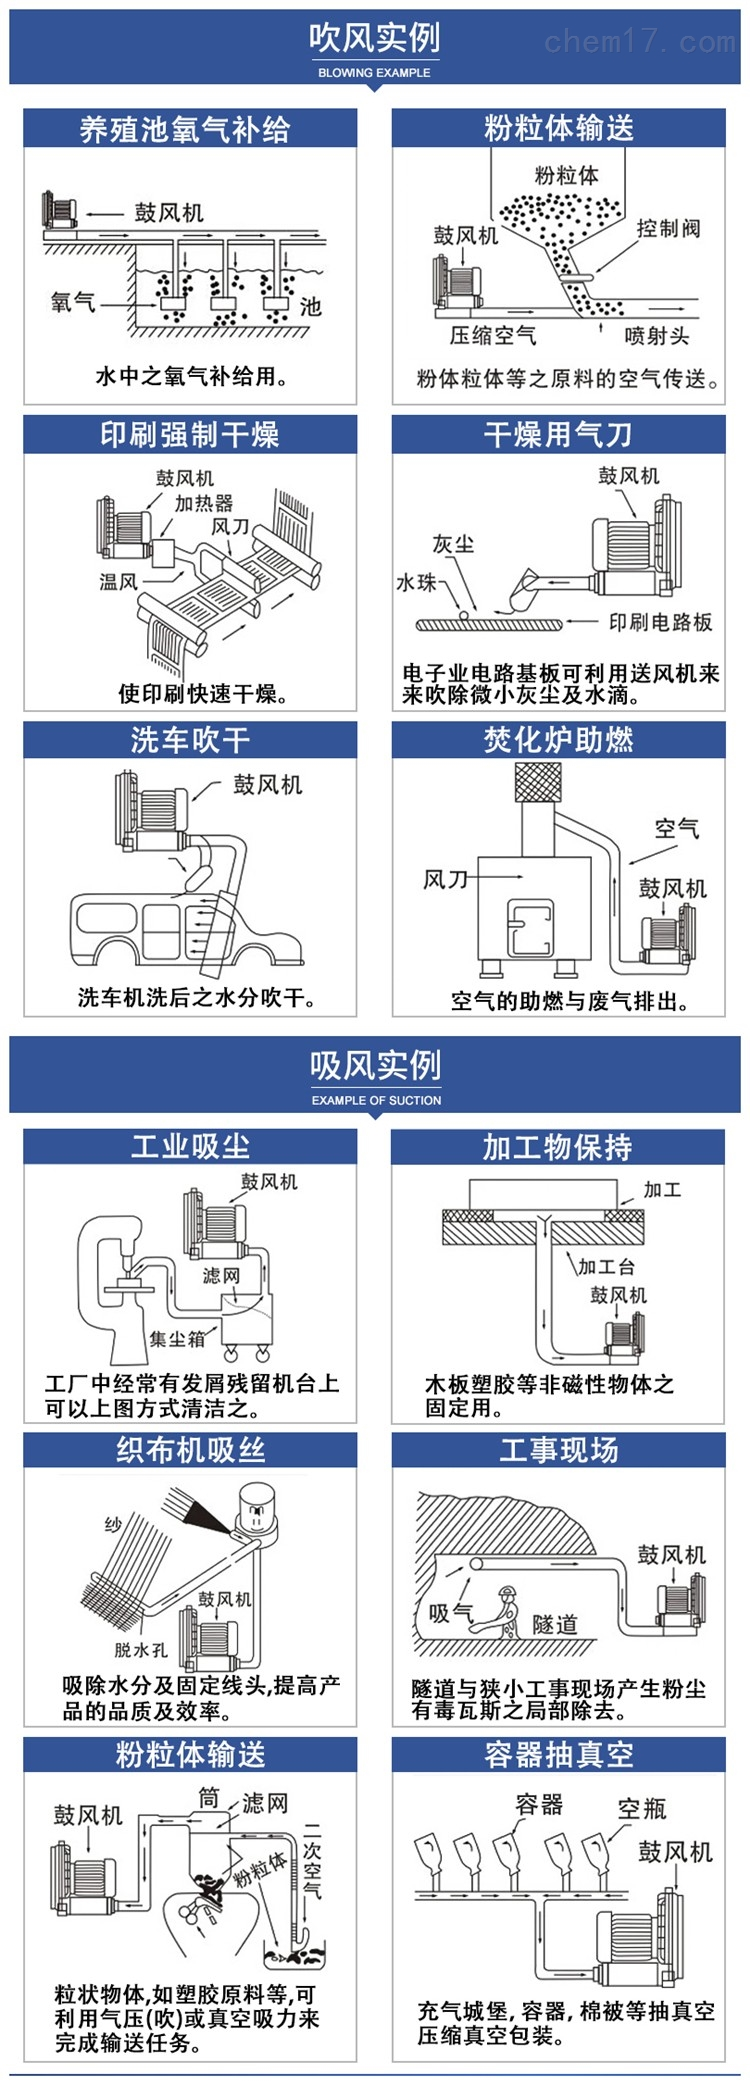 风机应用 (2).jpg